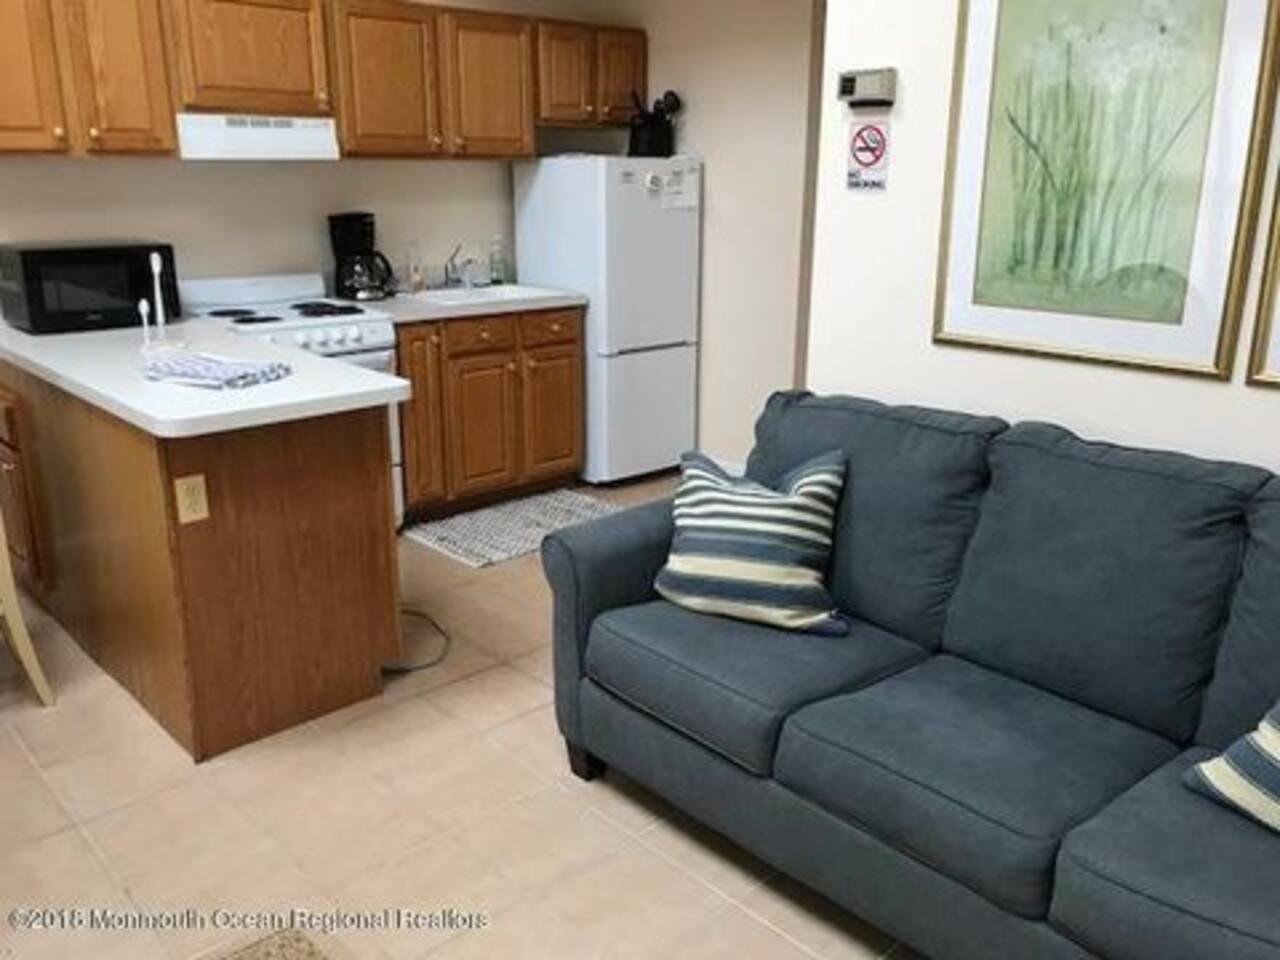 Living room, kitchenette